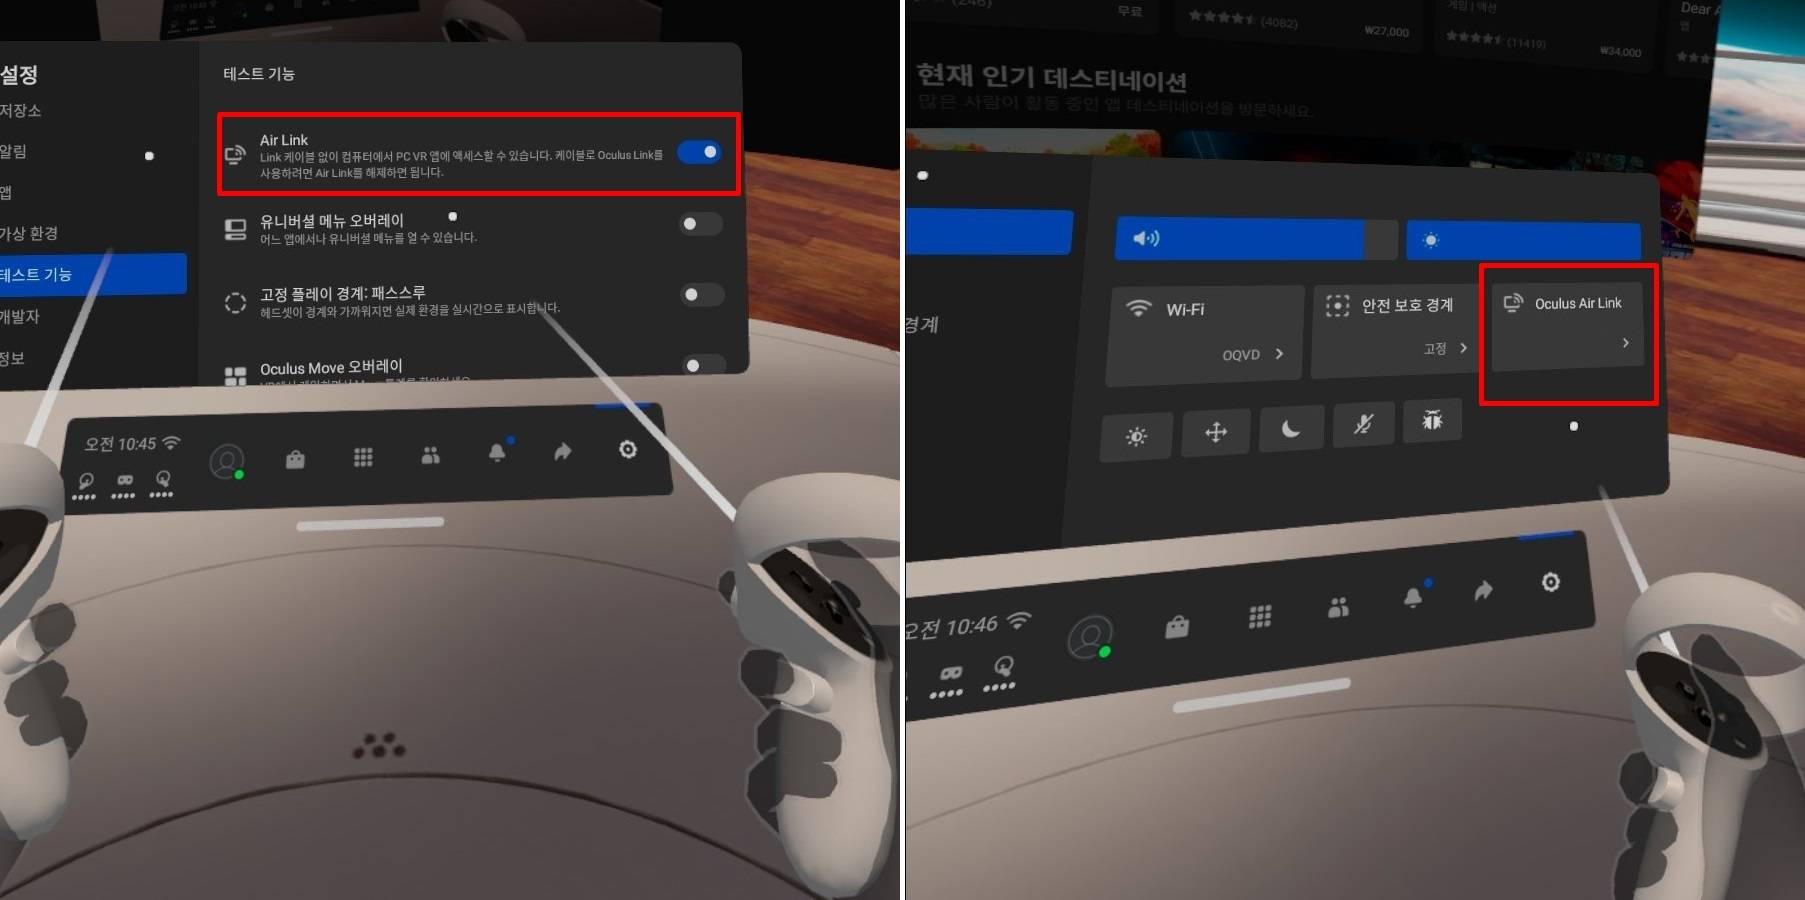 오큘러스 헤드셋에서 에어 링크 기능을 켠 뒤 PC와 페어링을 마치면 바로 이용이 가능하다